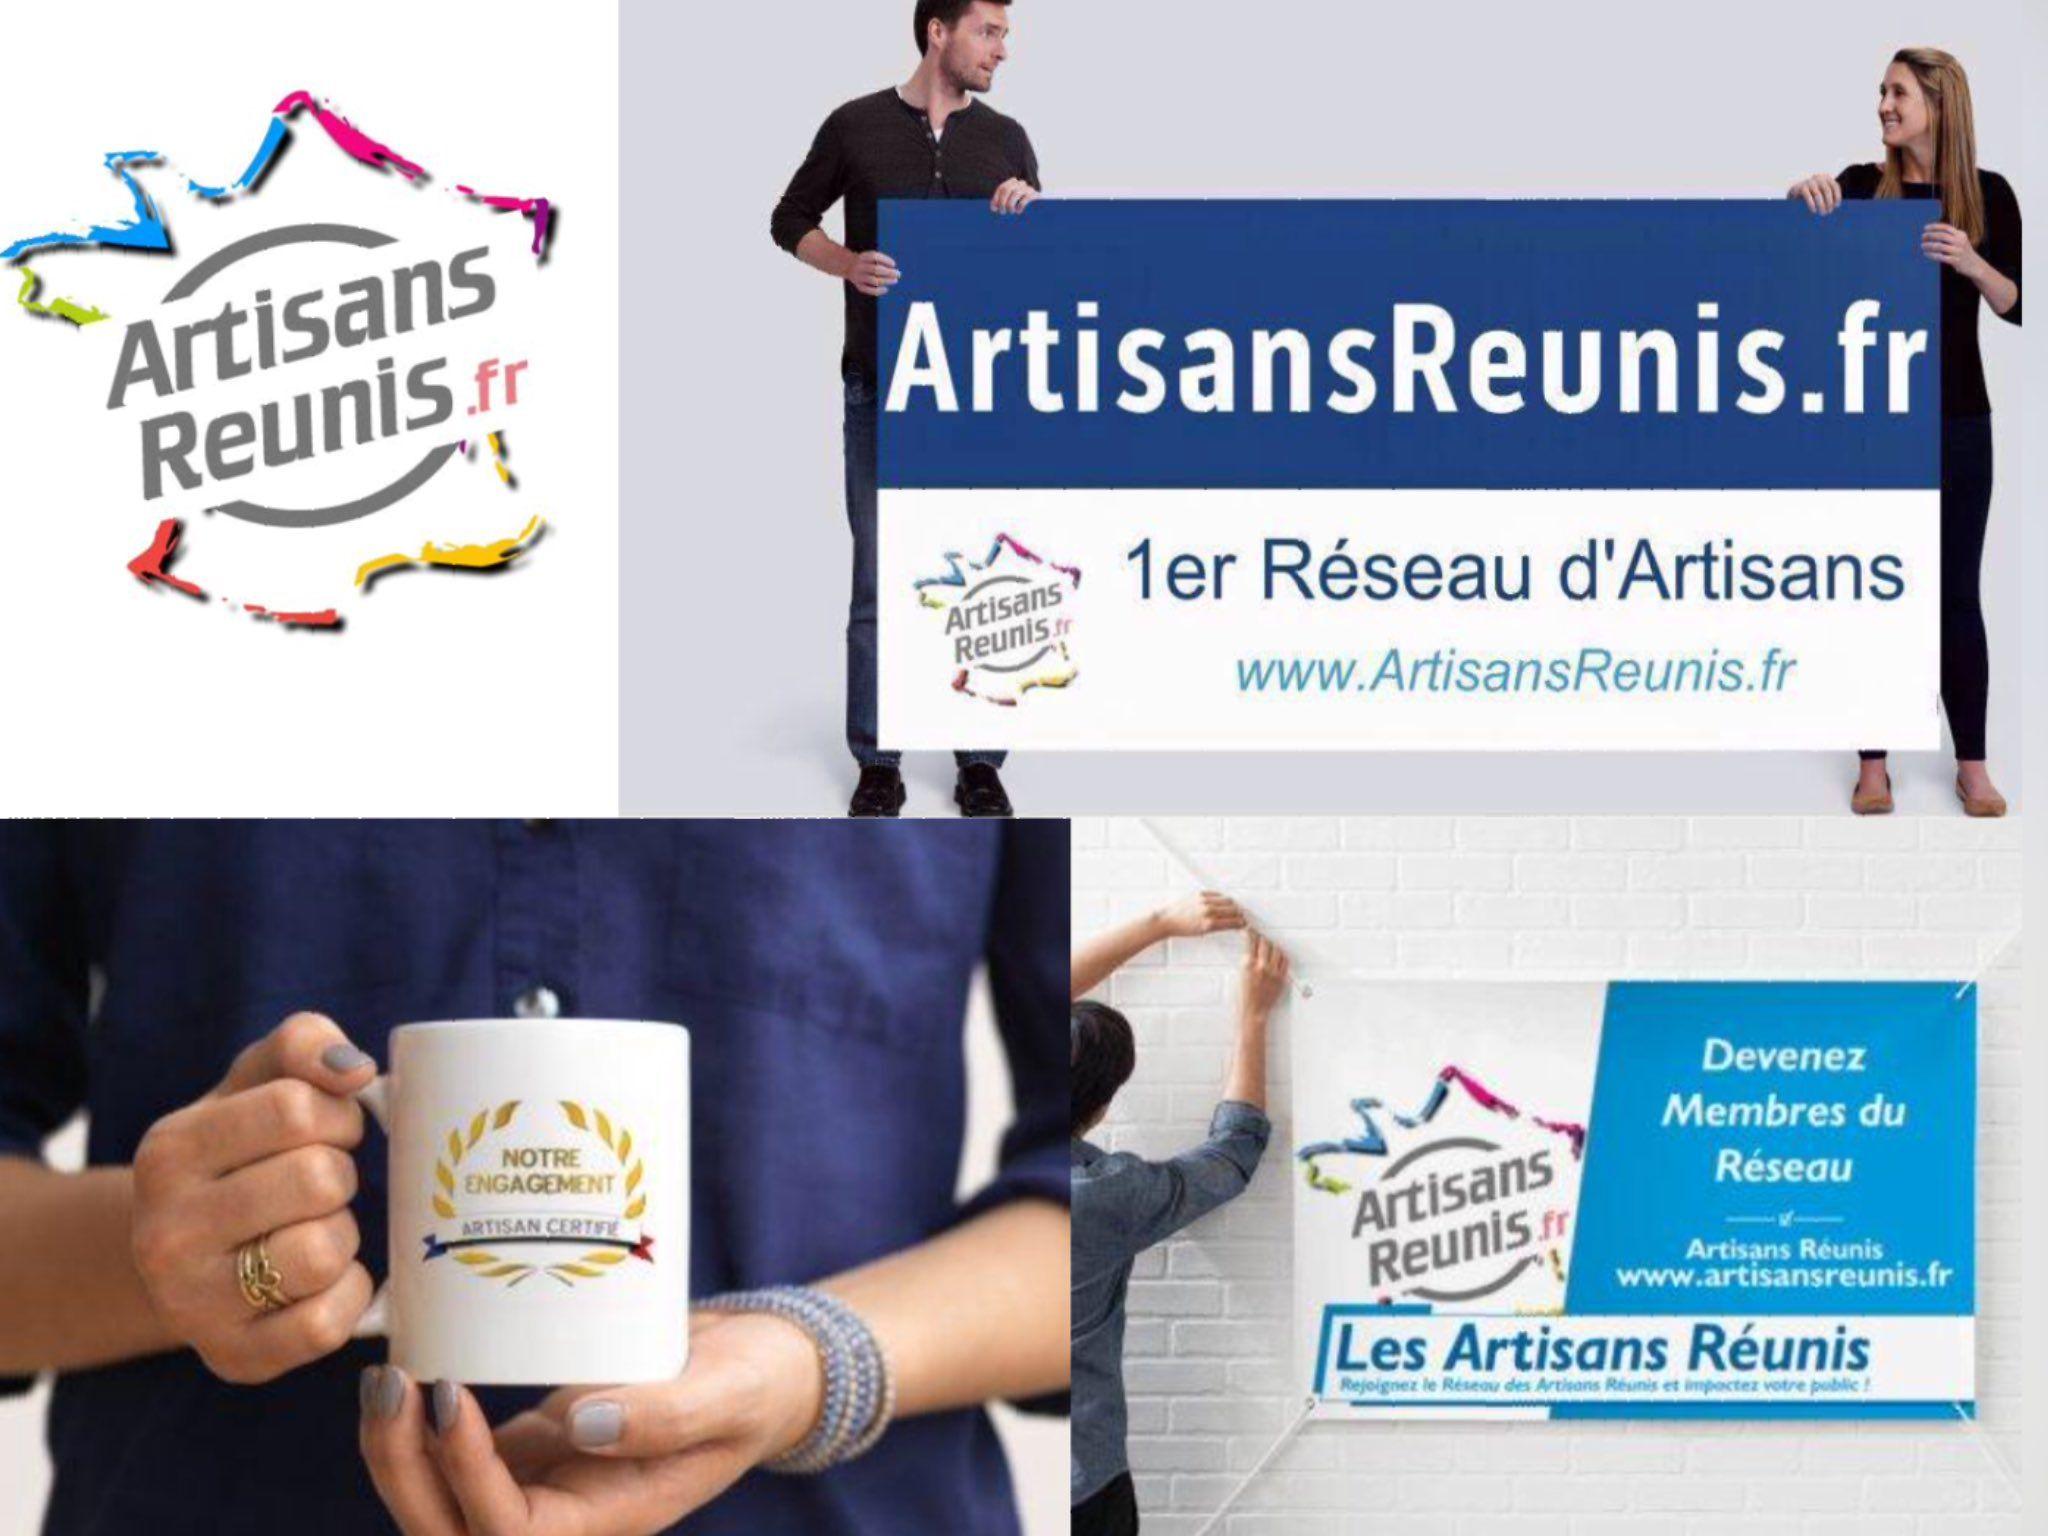 """ArtisansReunis.fr on Twitter: """"NOUVEAU: Nous élargissons nos activités aux services à la personne à partir du 04/01 et bien plus encore.. rdv sur https://t.co/H0fzlVcjh9 https://t.co/ocWd1OVlXK"""""""